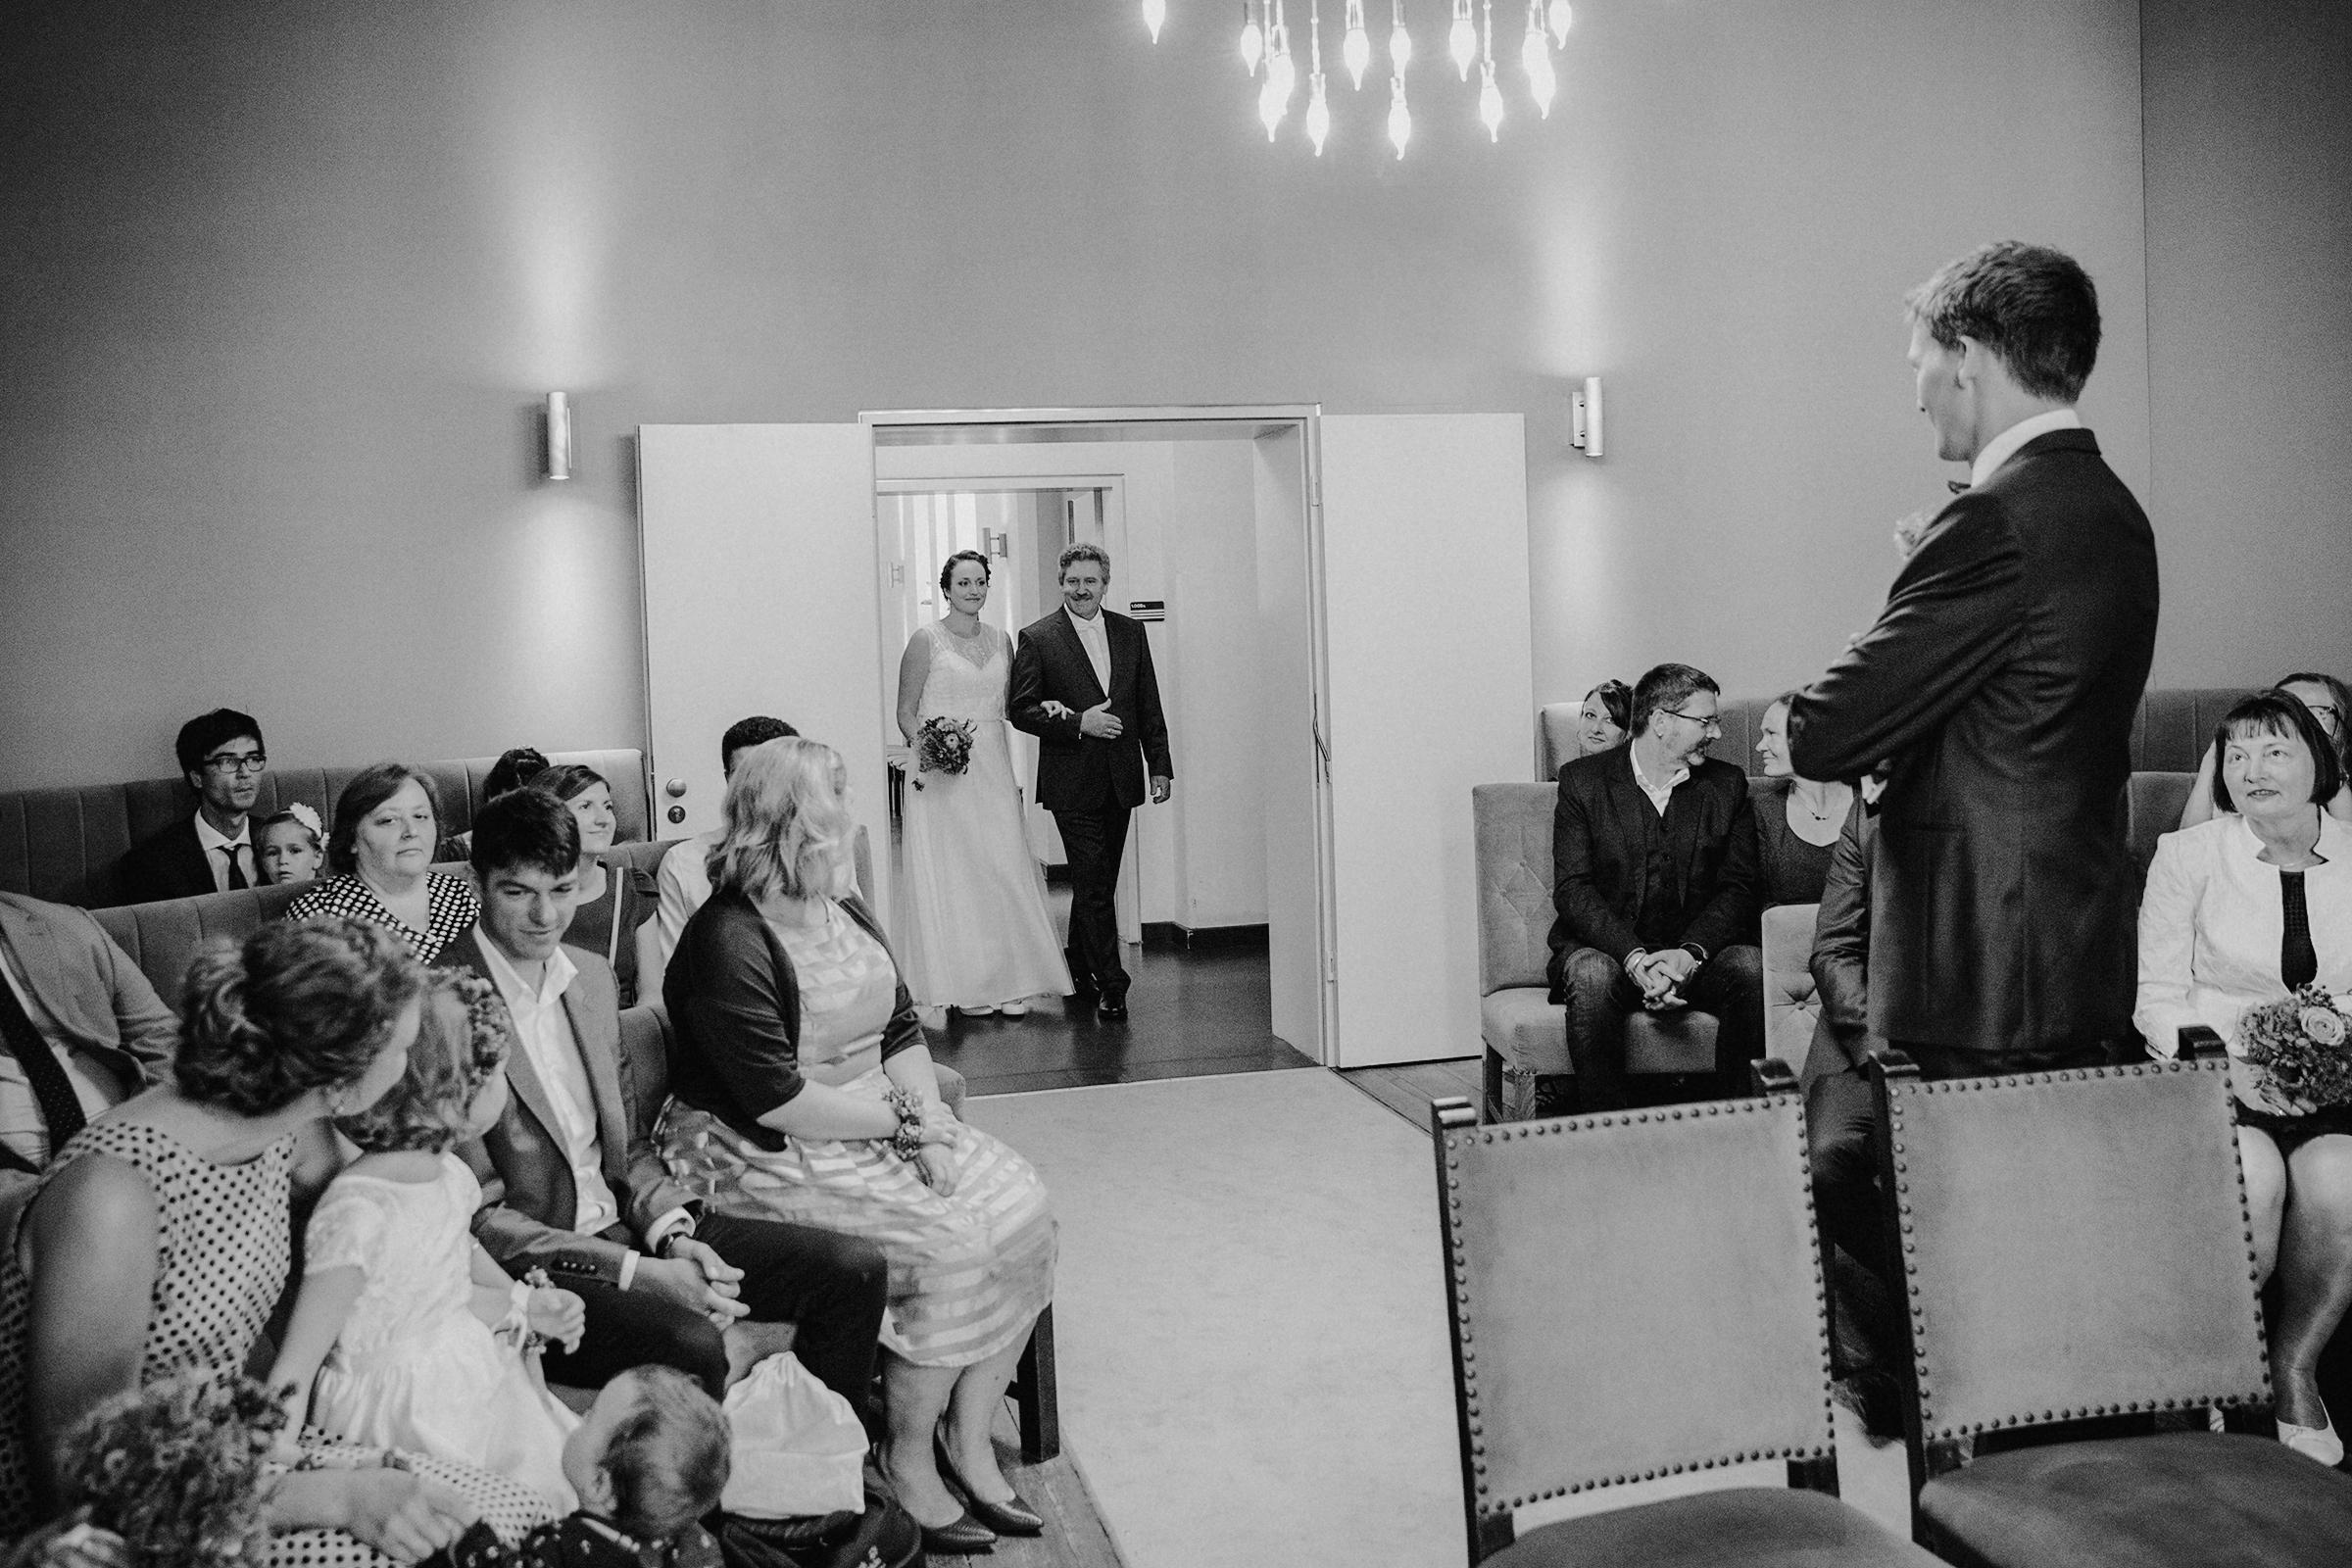 Hochzeit_Potsdam_fotograf_G5sw